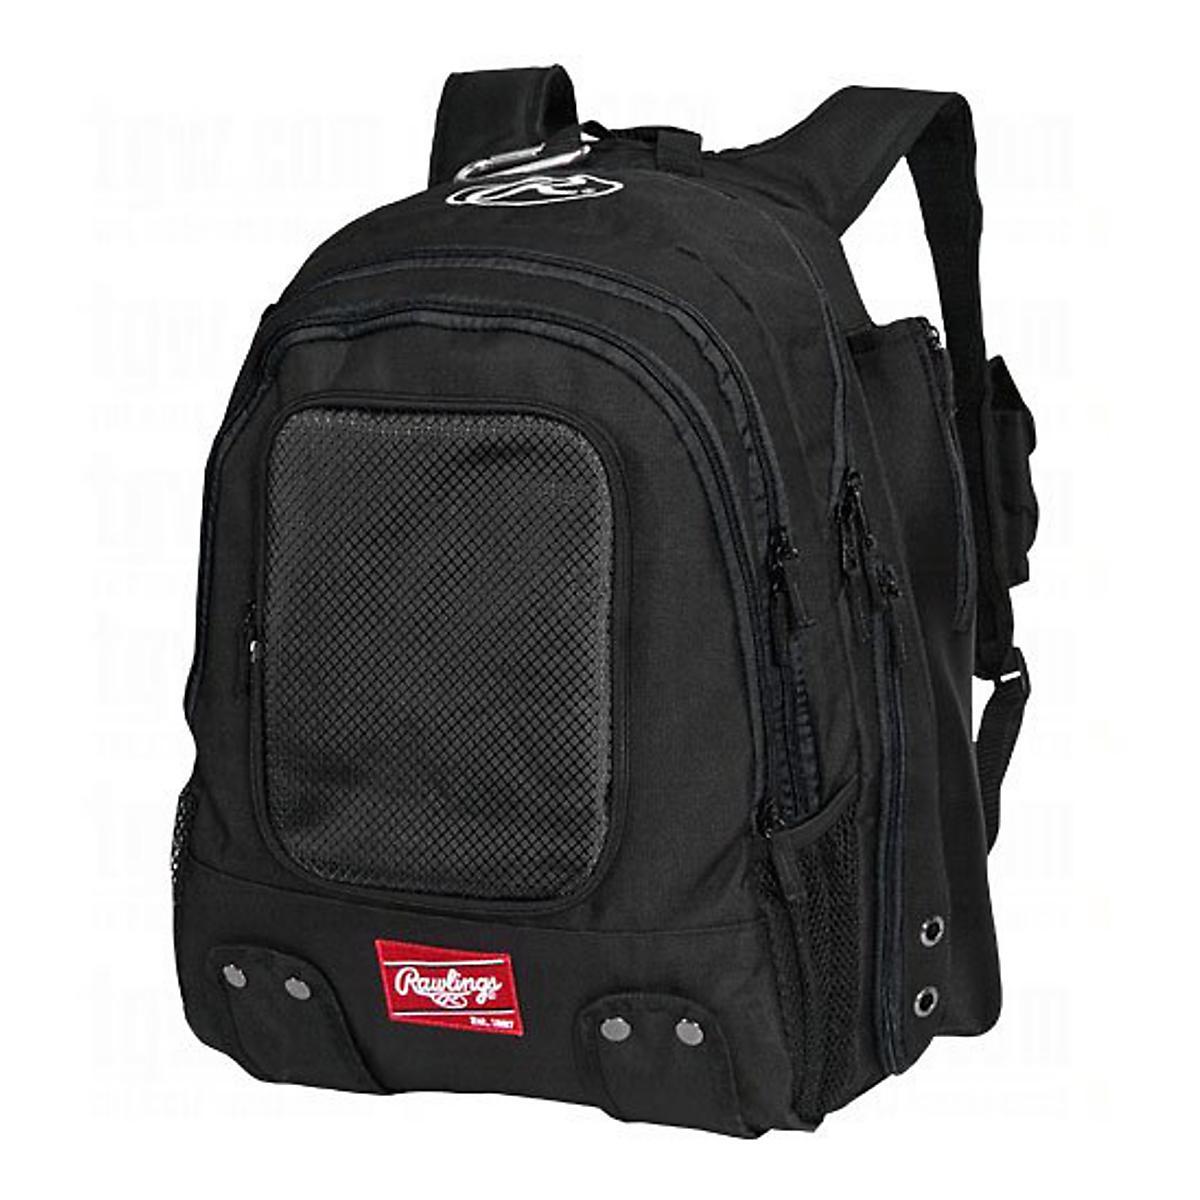 Rawlings�Baseball Backpack